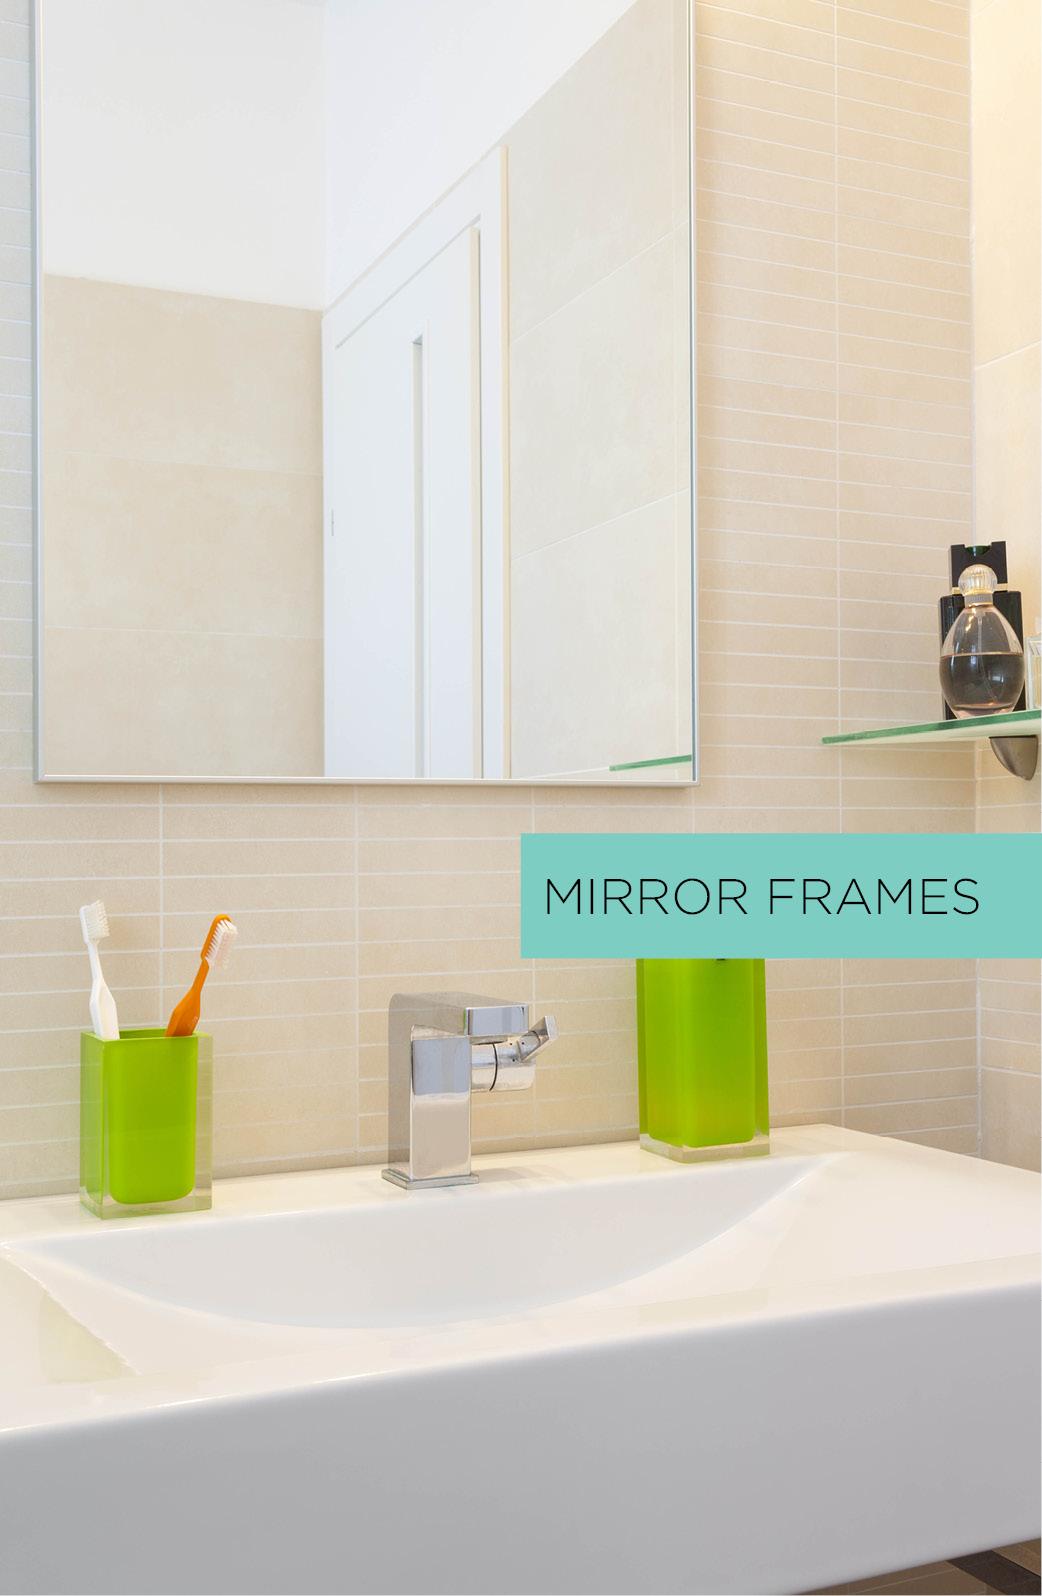 Mirror framing system